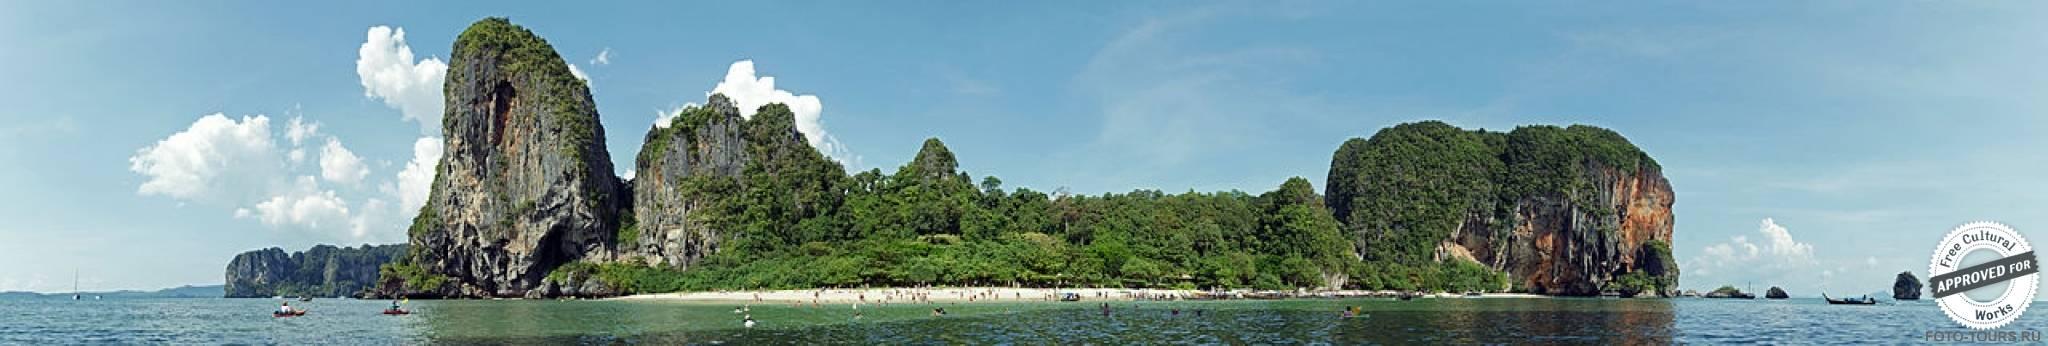 Реальные впечатления туриста от посещения Таиланда